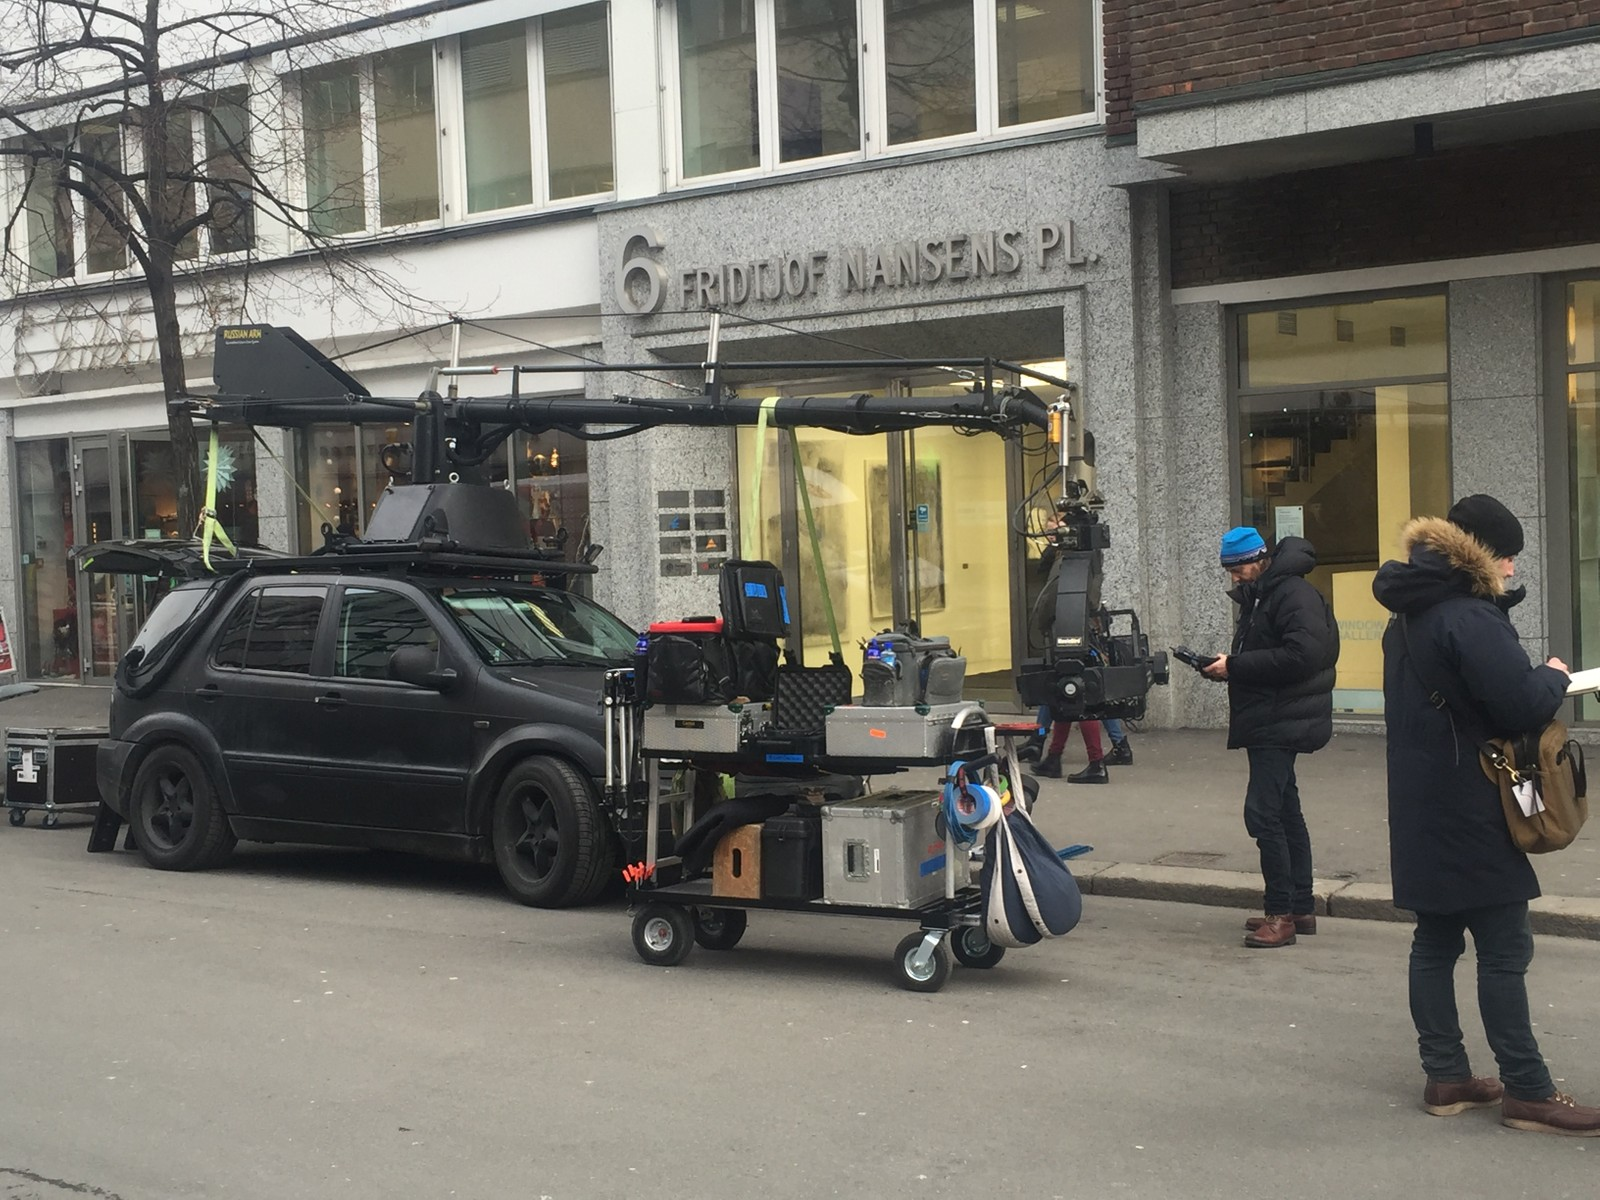 En bil utstyrt med følgekamera gjøres klar.